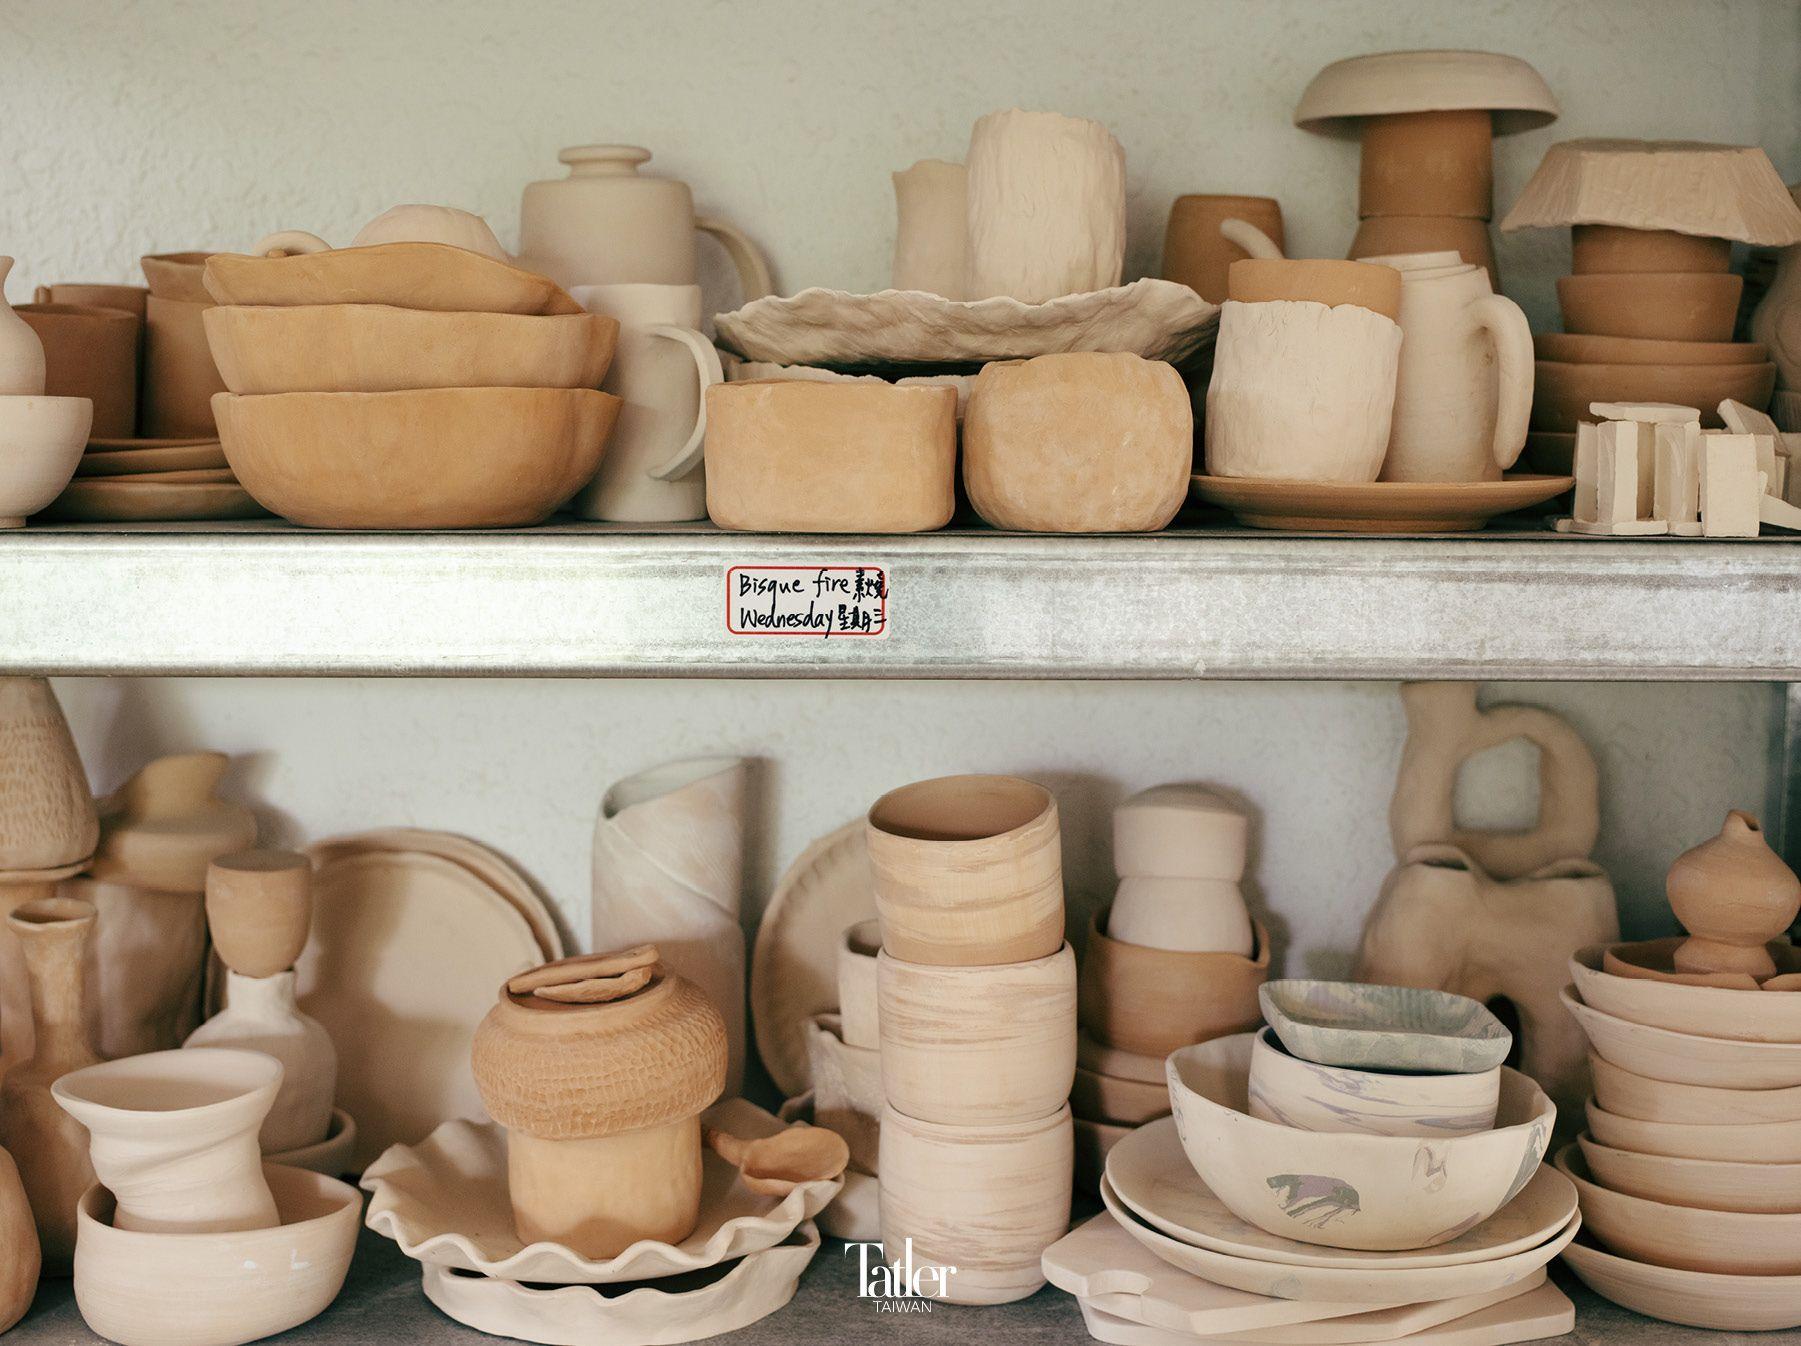 「雲森陶陶」工作室提供陶藝課程、自主練習、藝廊展覽及陶藝工作坊。